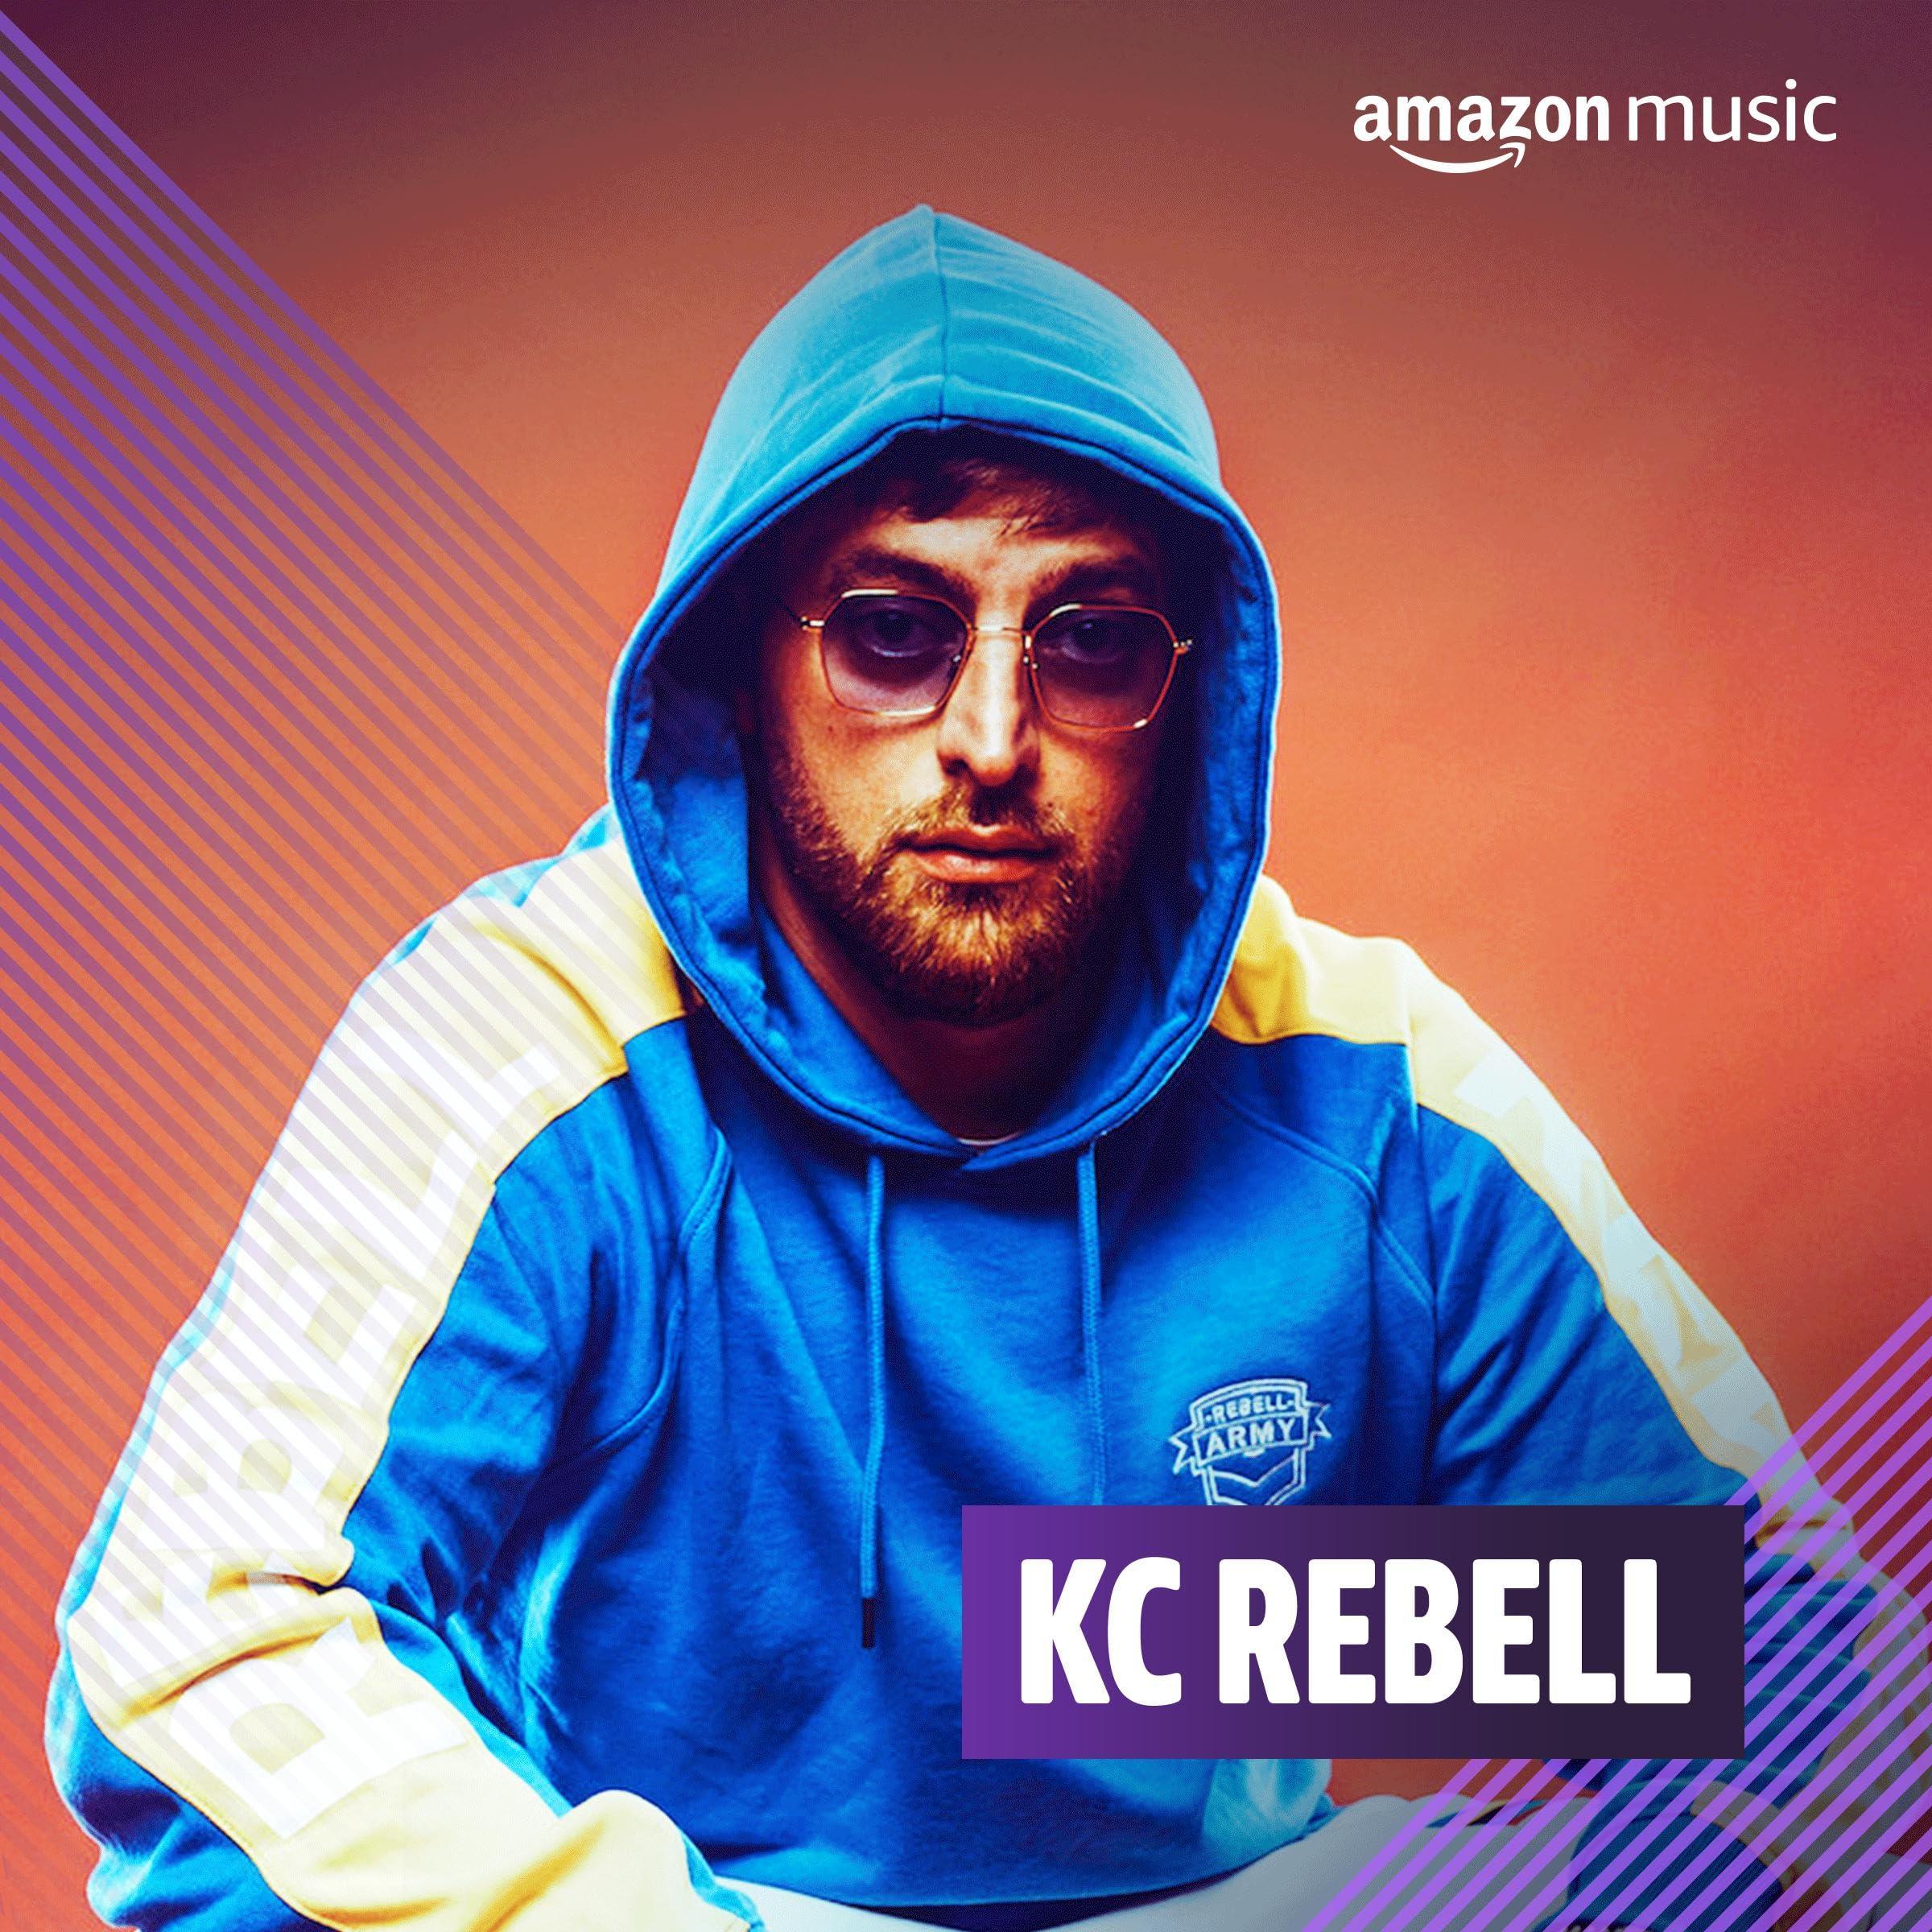 KC Rebell